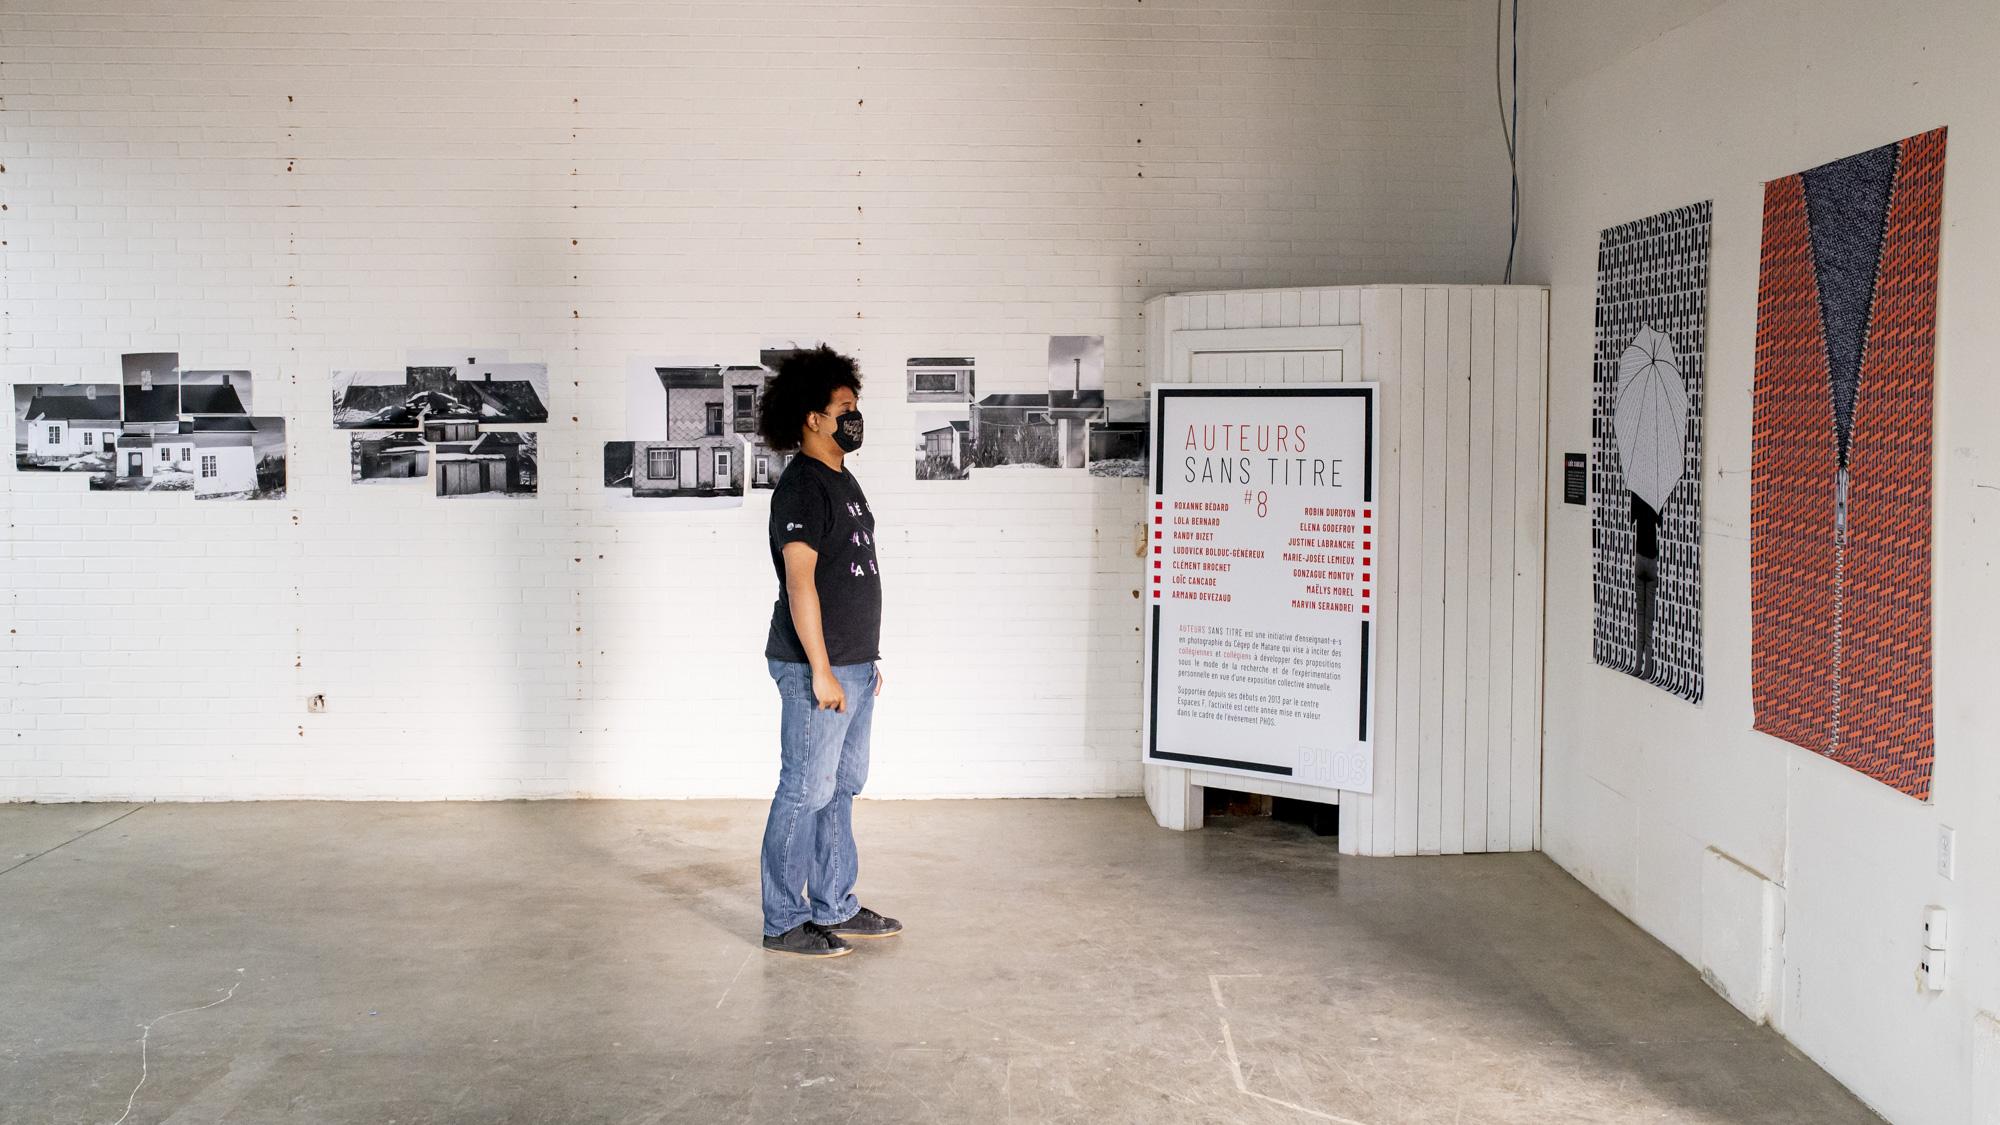 Exposition Auteurs sans titre dans le cadre de l'événement PHOS